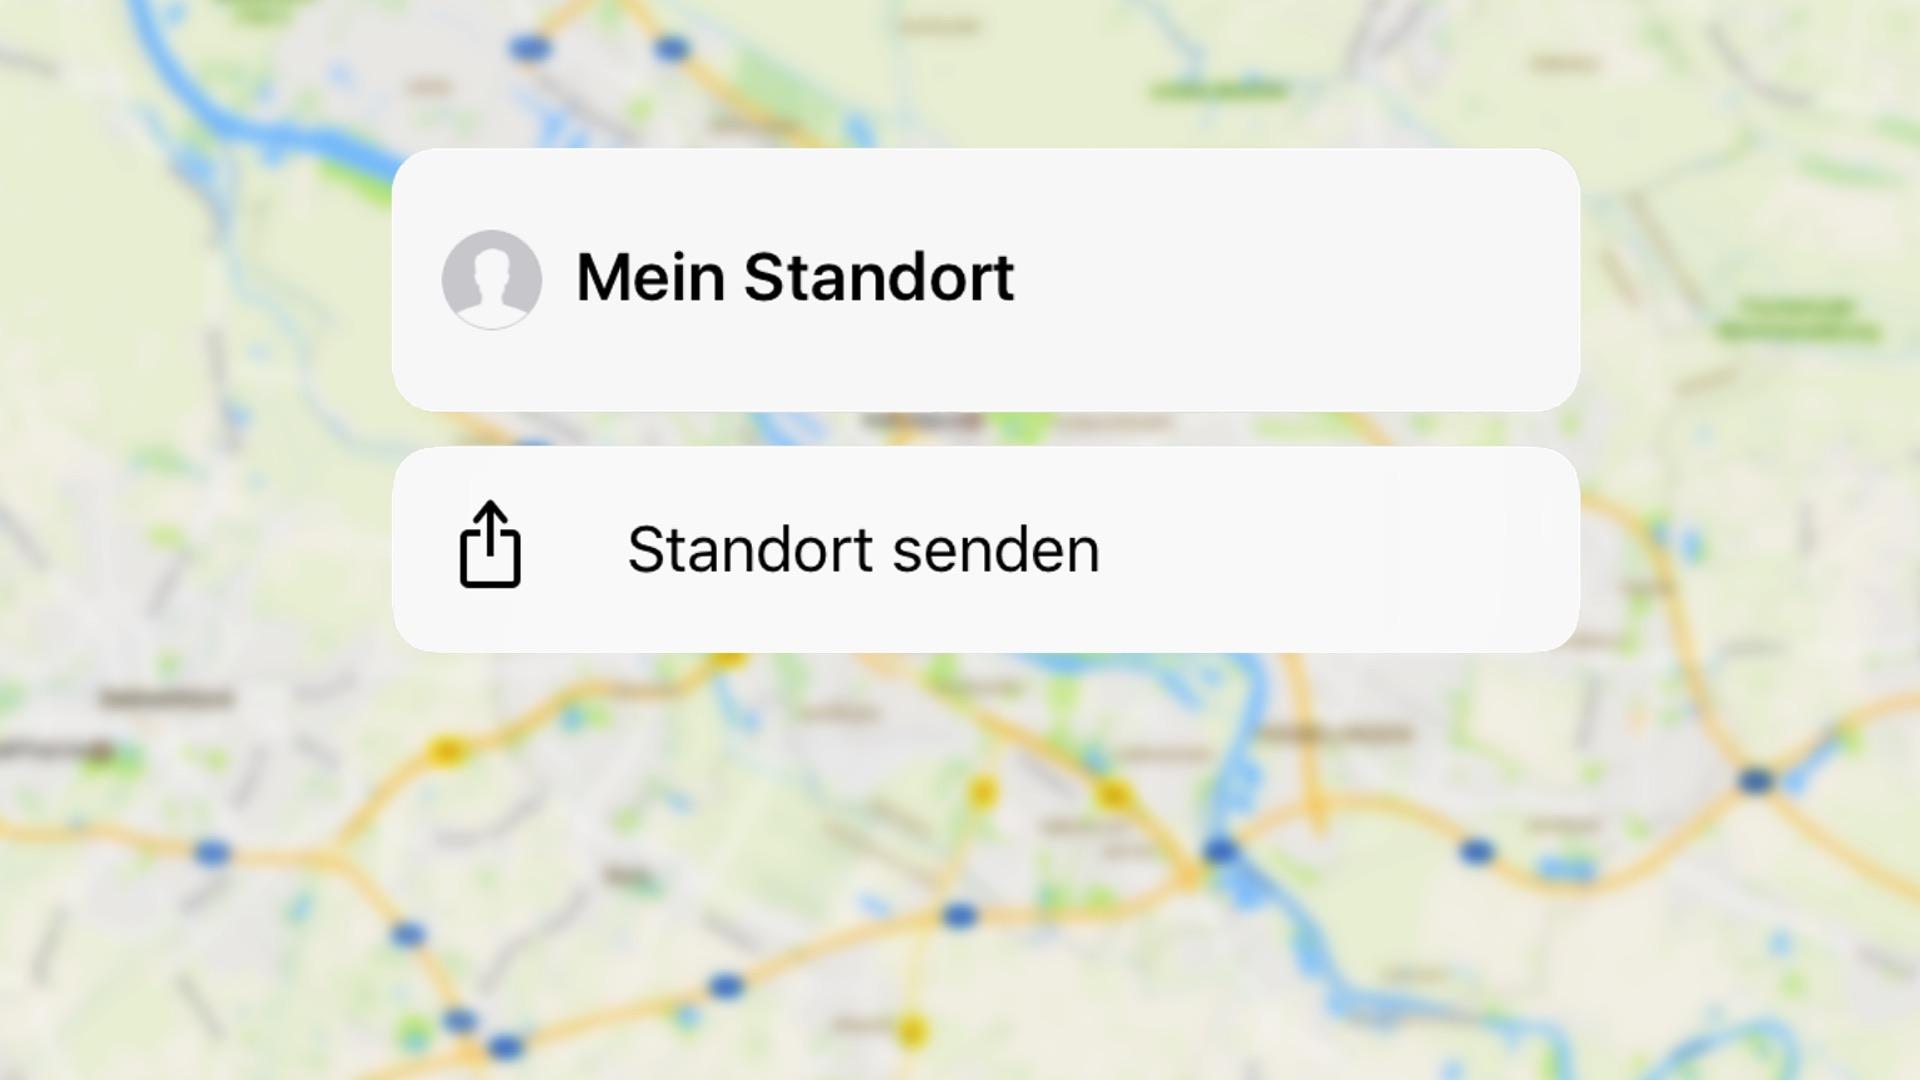 Freunde app standort faken